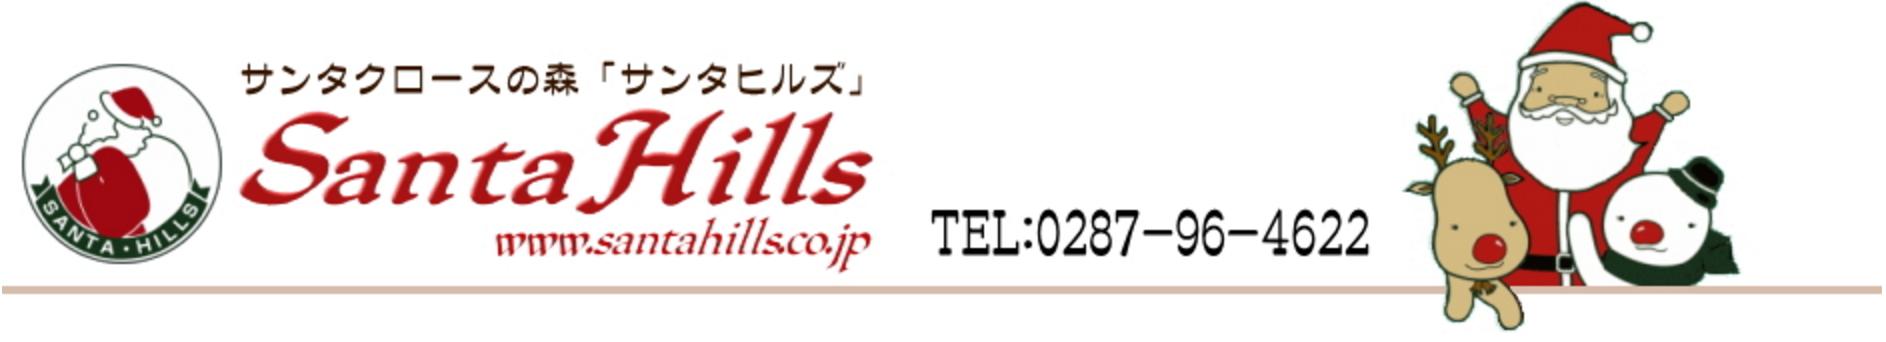 サンタヒルズ|北関東栃木県那須郡のキャンプ場&コテージ